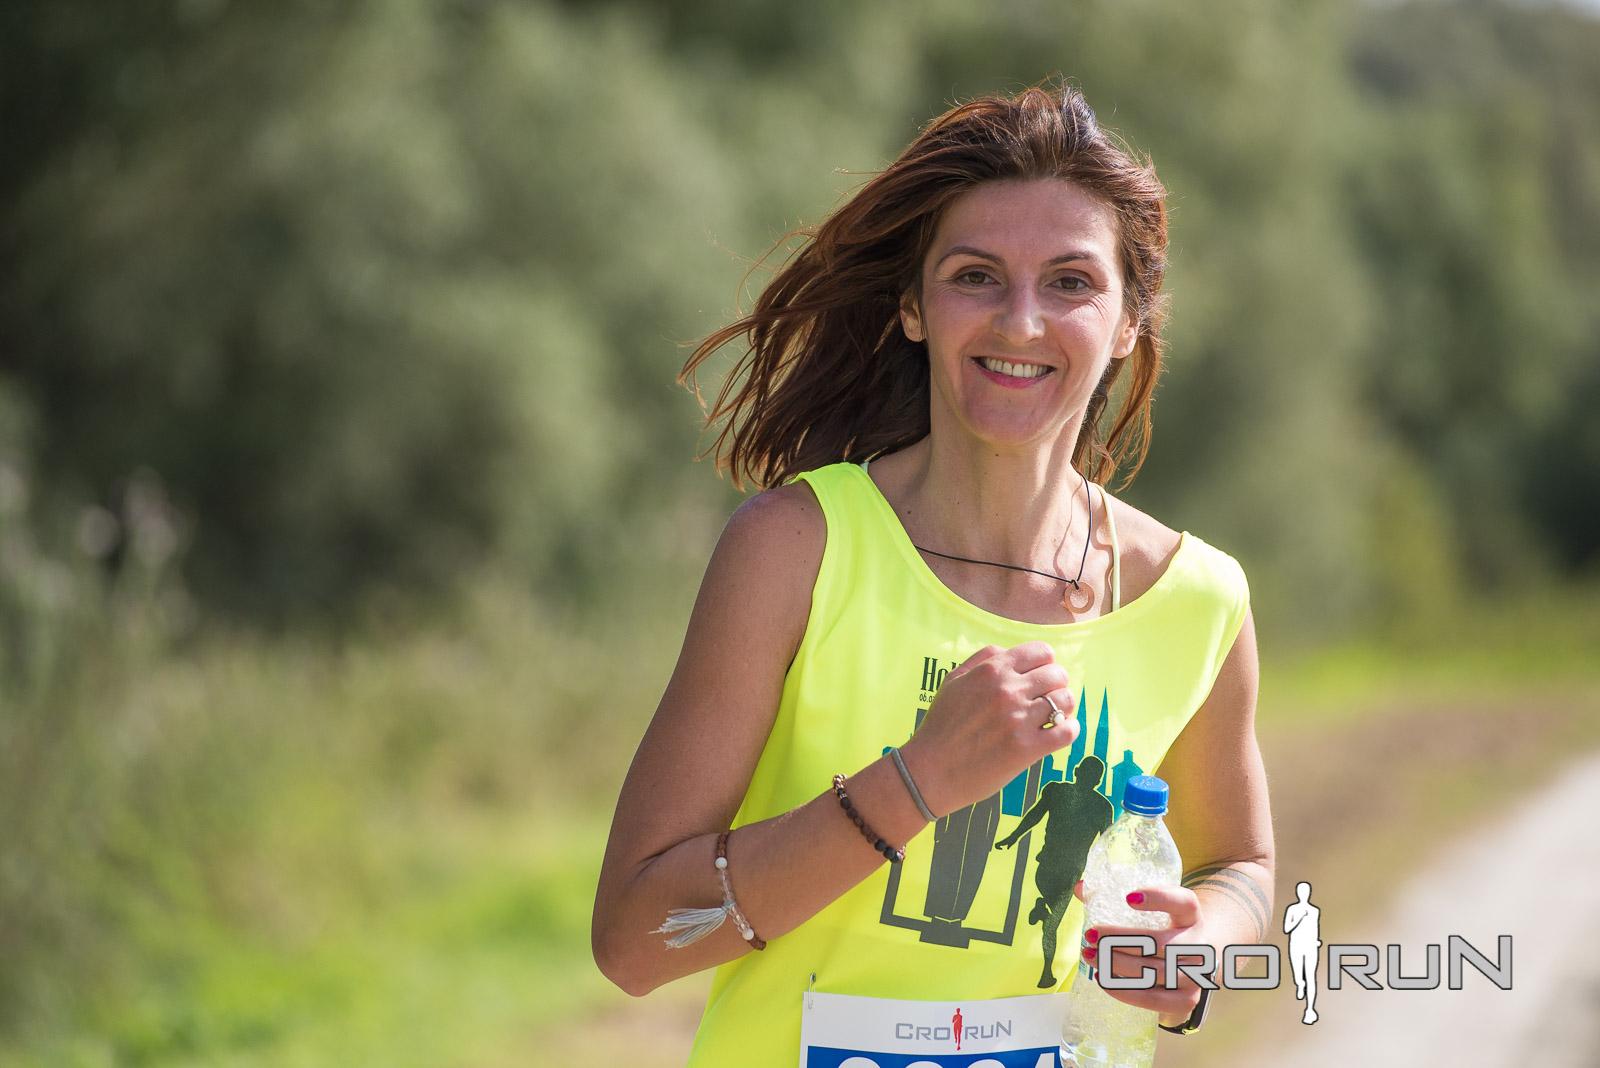 Photo: 3sporta.com